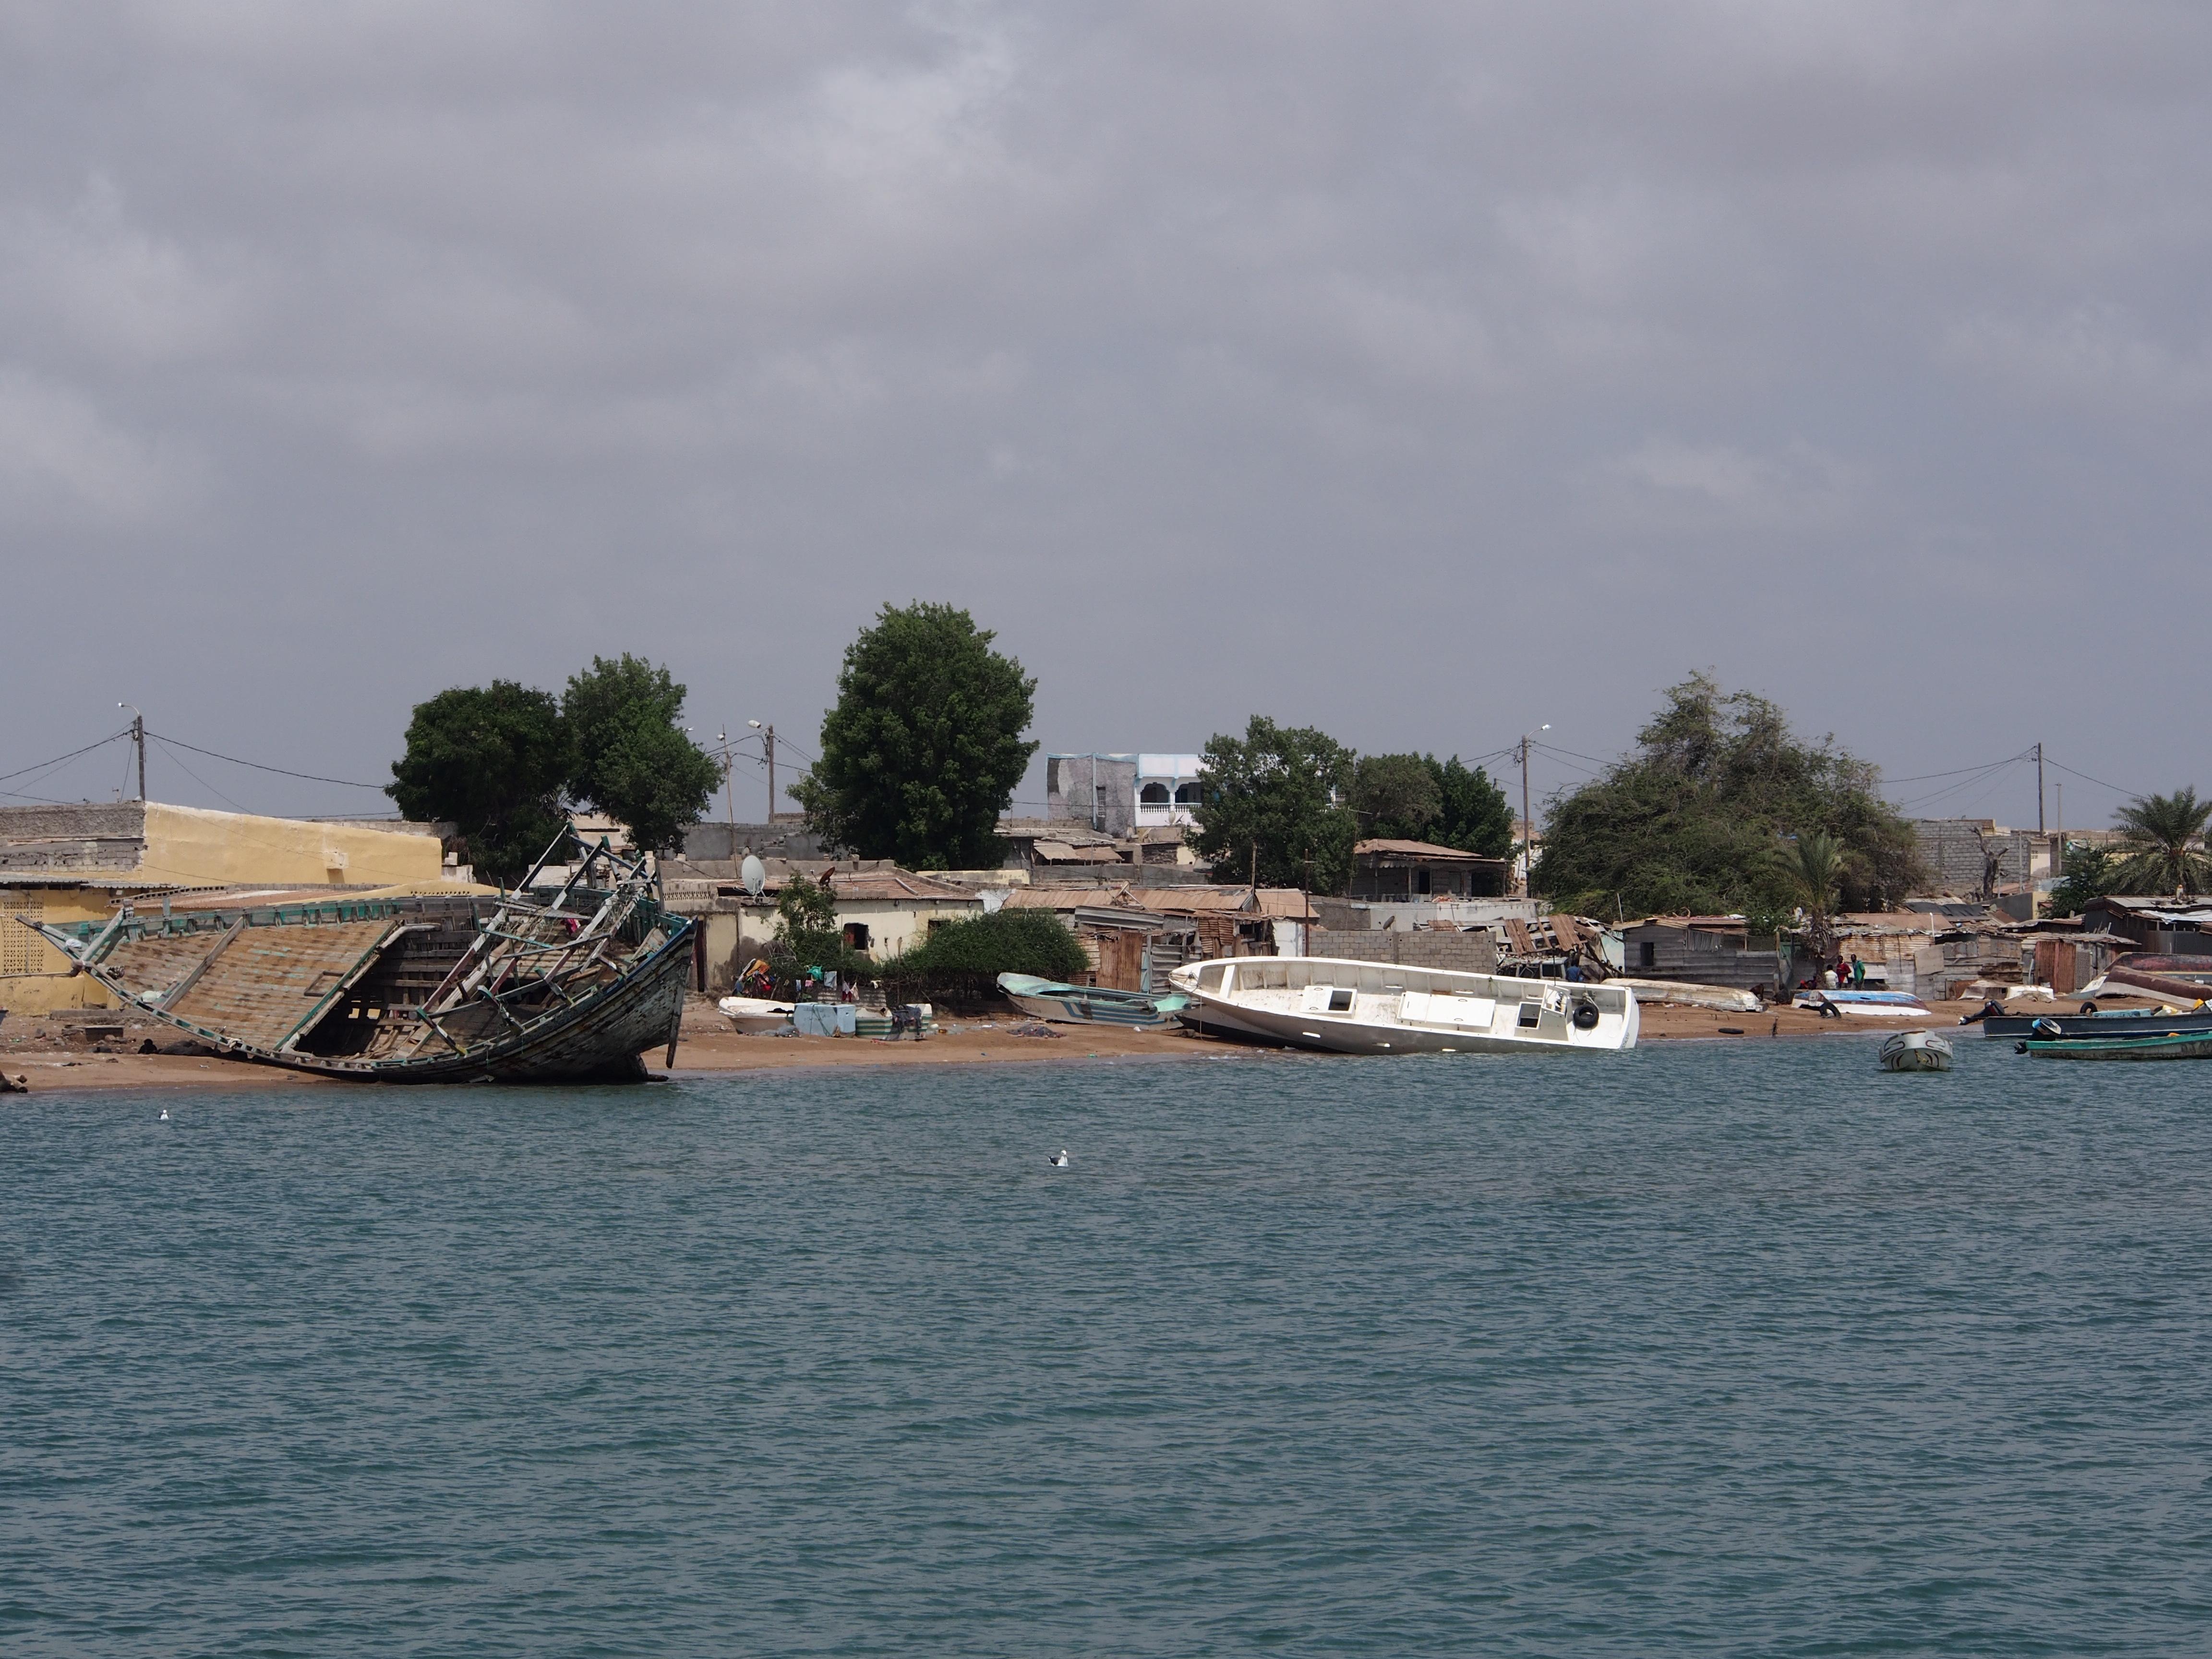 Les épaves - boutres commerciales et embarcations de pêche - attendent d'être réparées.